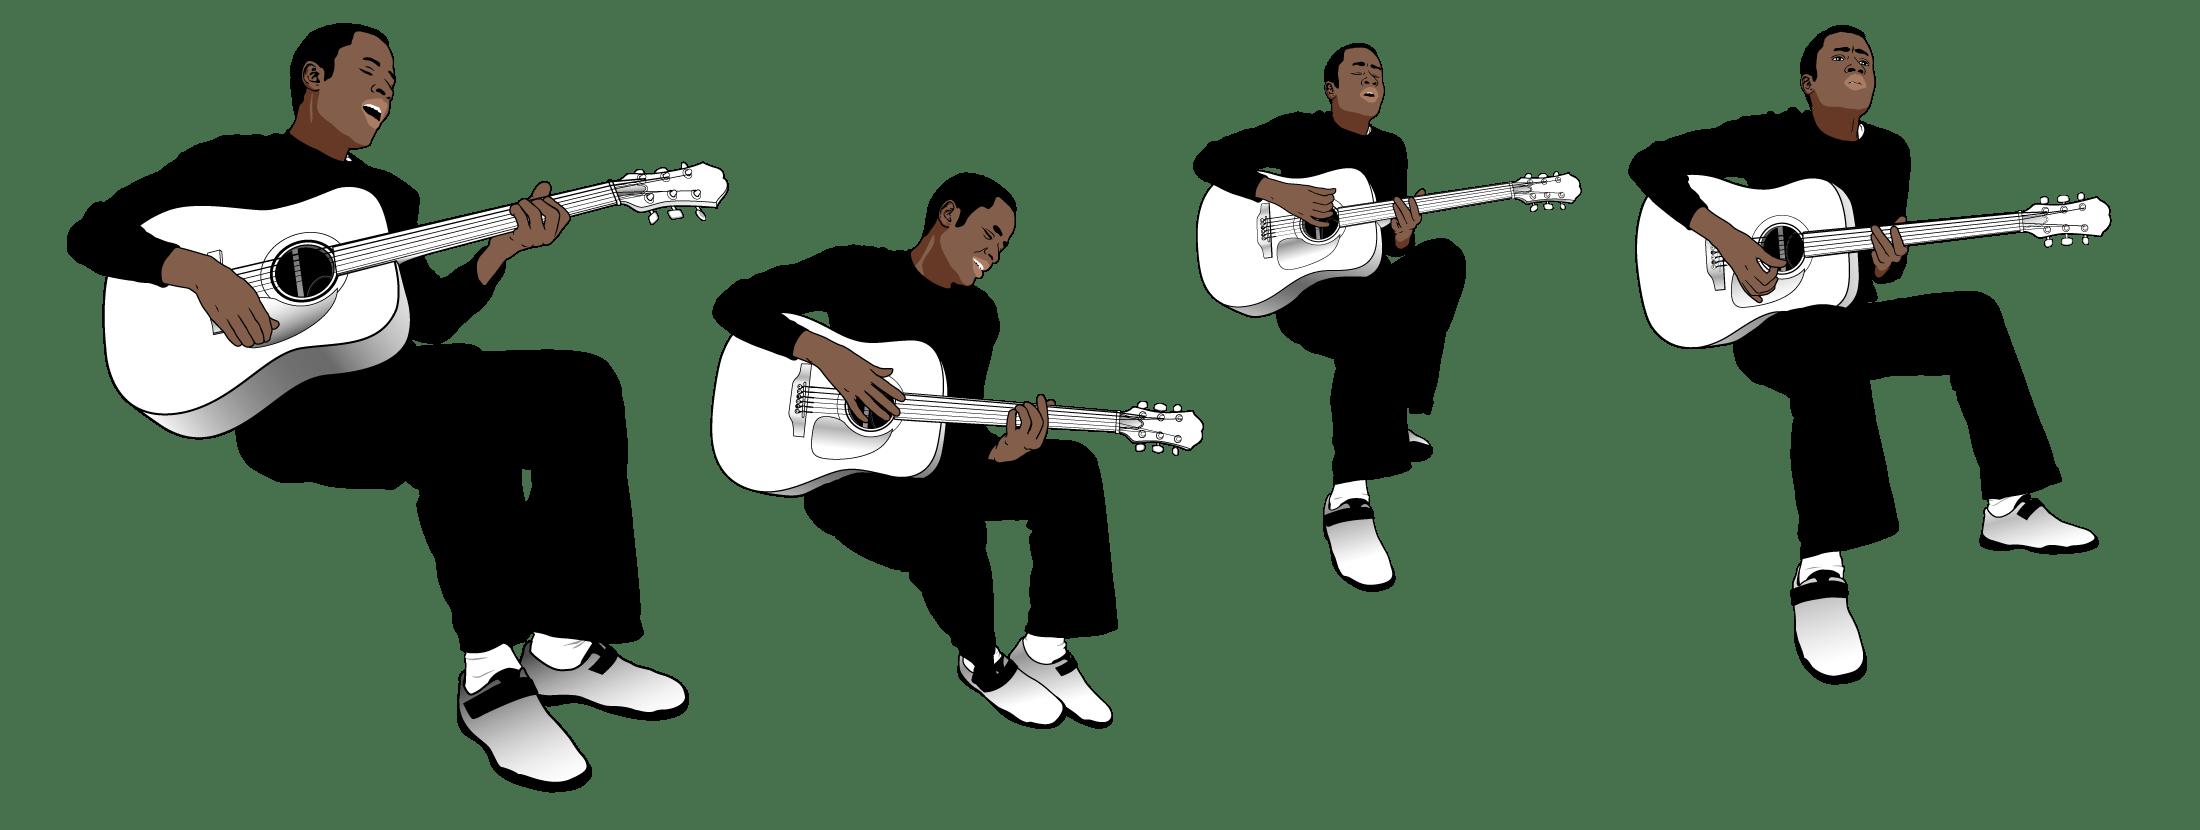 JeanRacine-dessin-x4-02